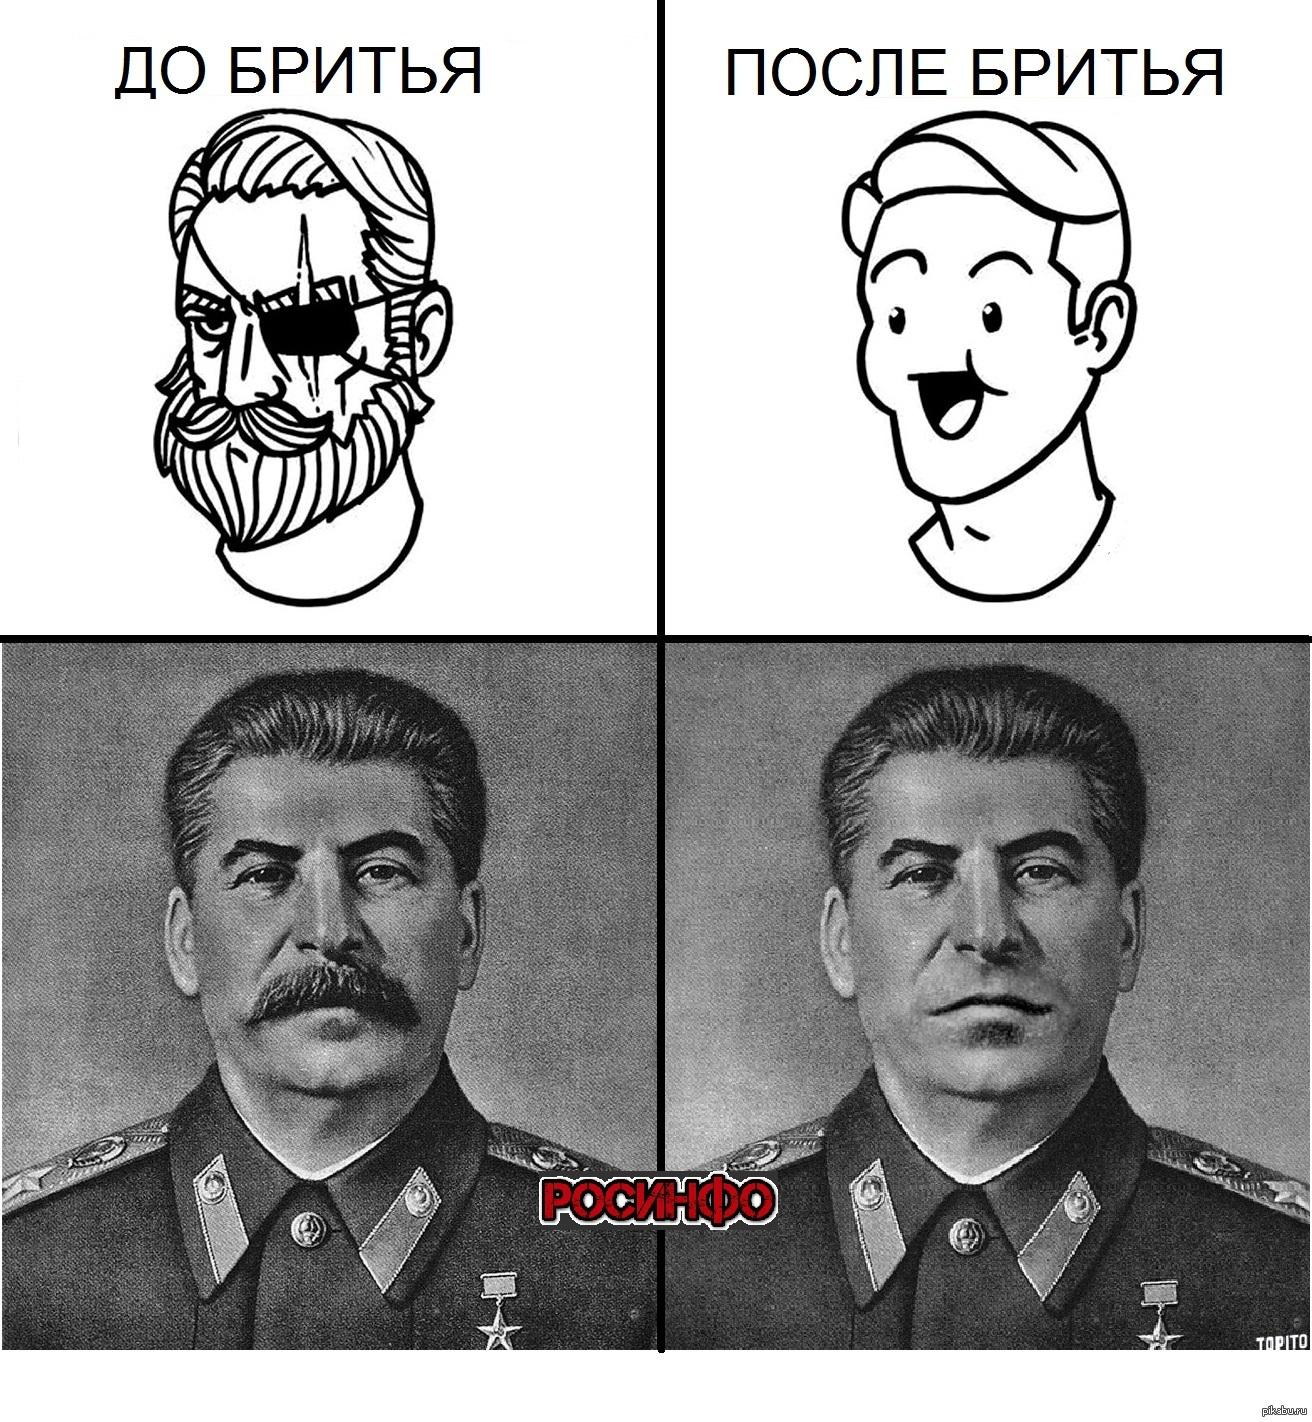 http://s.pikabu.ru/post_img/big/2013/11/20/10/1384959822_1051532274.jpg